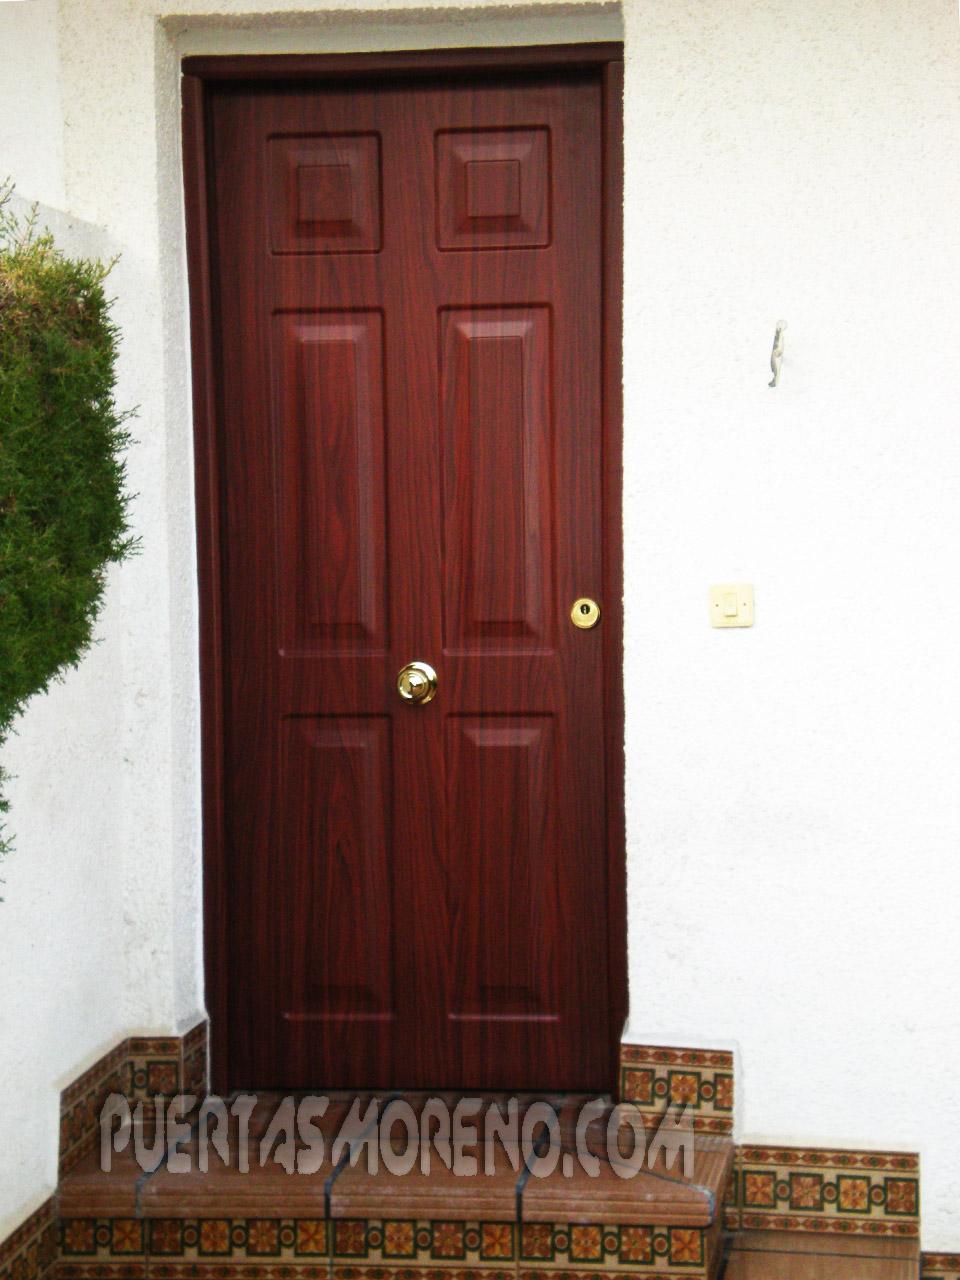 Puertas y ventanas venecianas de aluminio puerta for Puertas de aluminio color madera precios